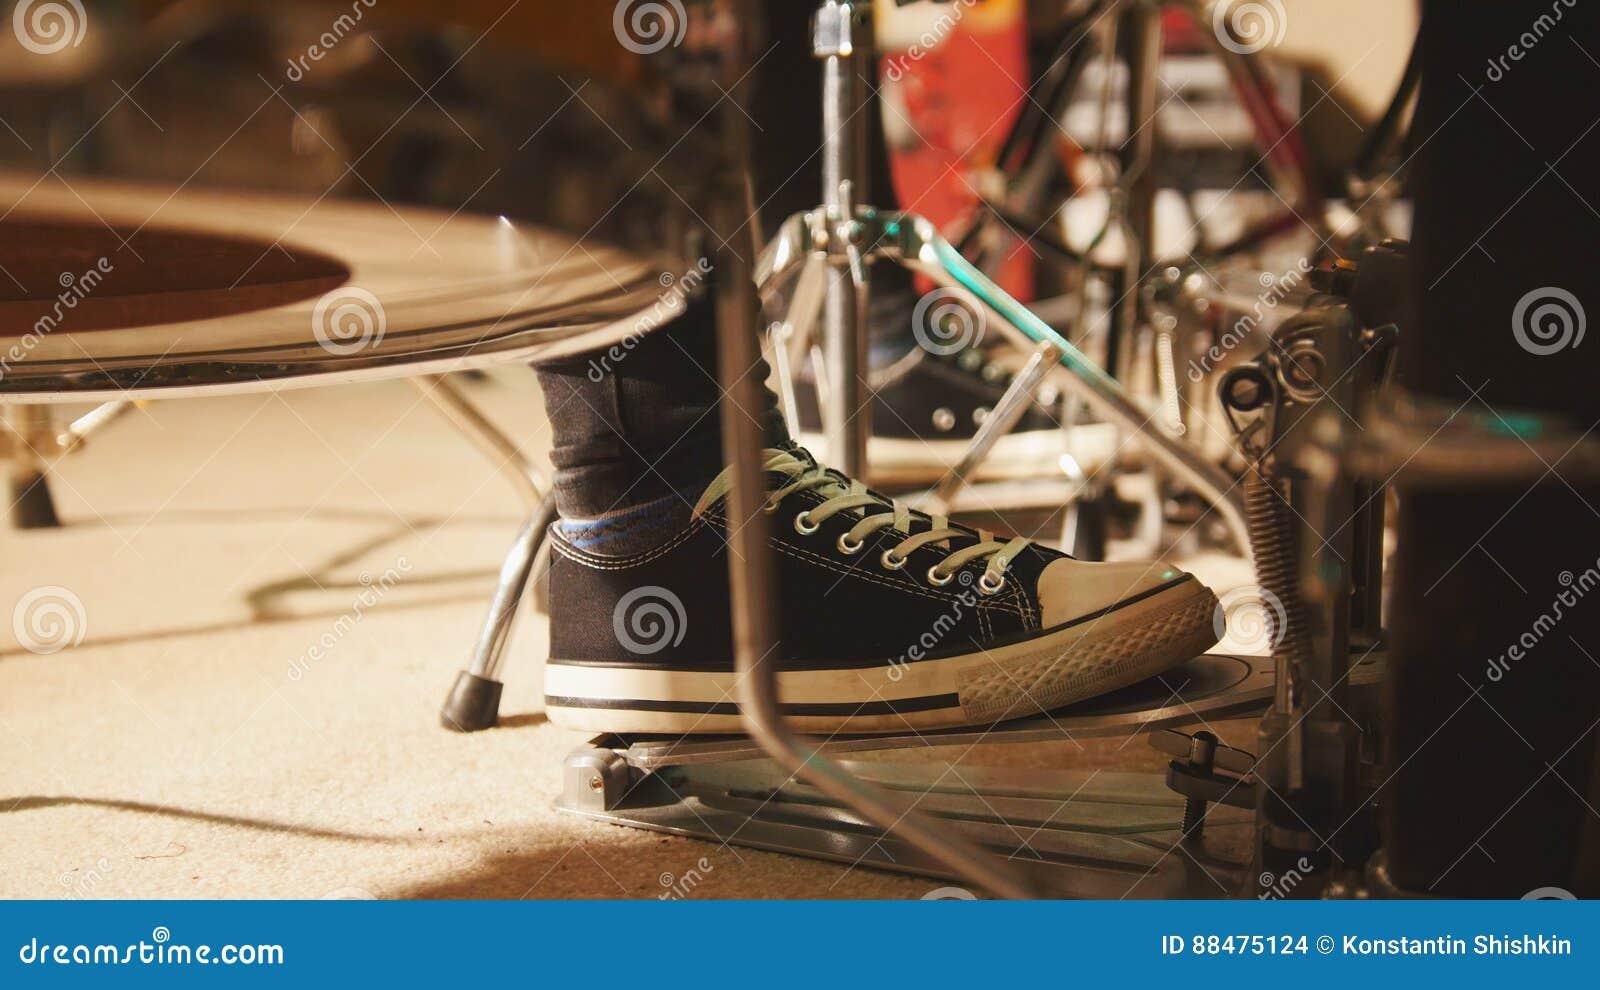 Ορχήστρα ροκ που προετοιμάζει στο γκαράζ - το πόδι τυμπανιστών ` s φορά τα πάνινα παπούτσια που κινούν το βαθύ πεντάλι τυμπάνων